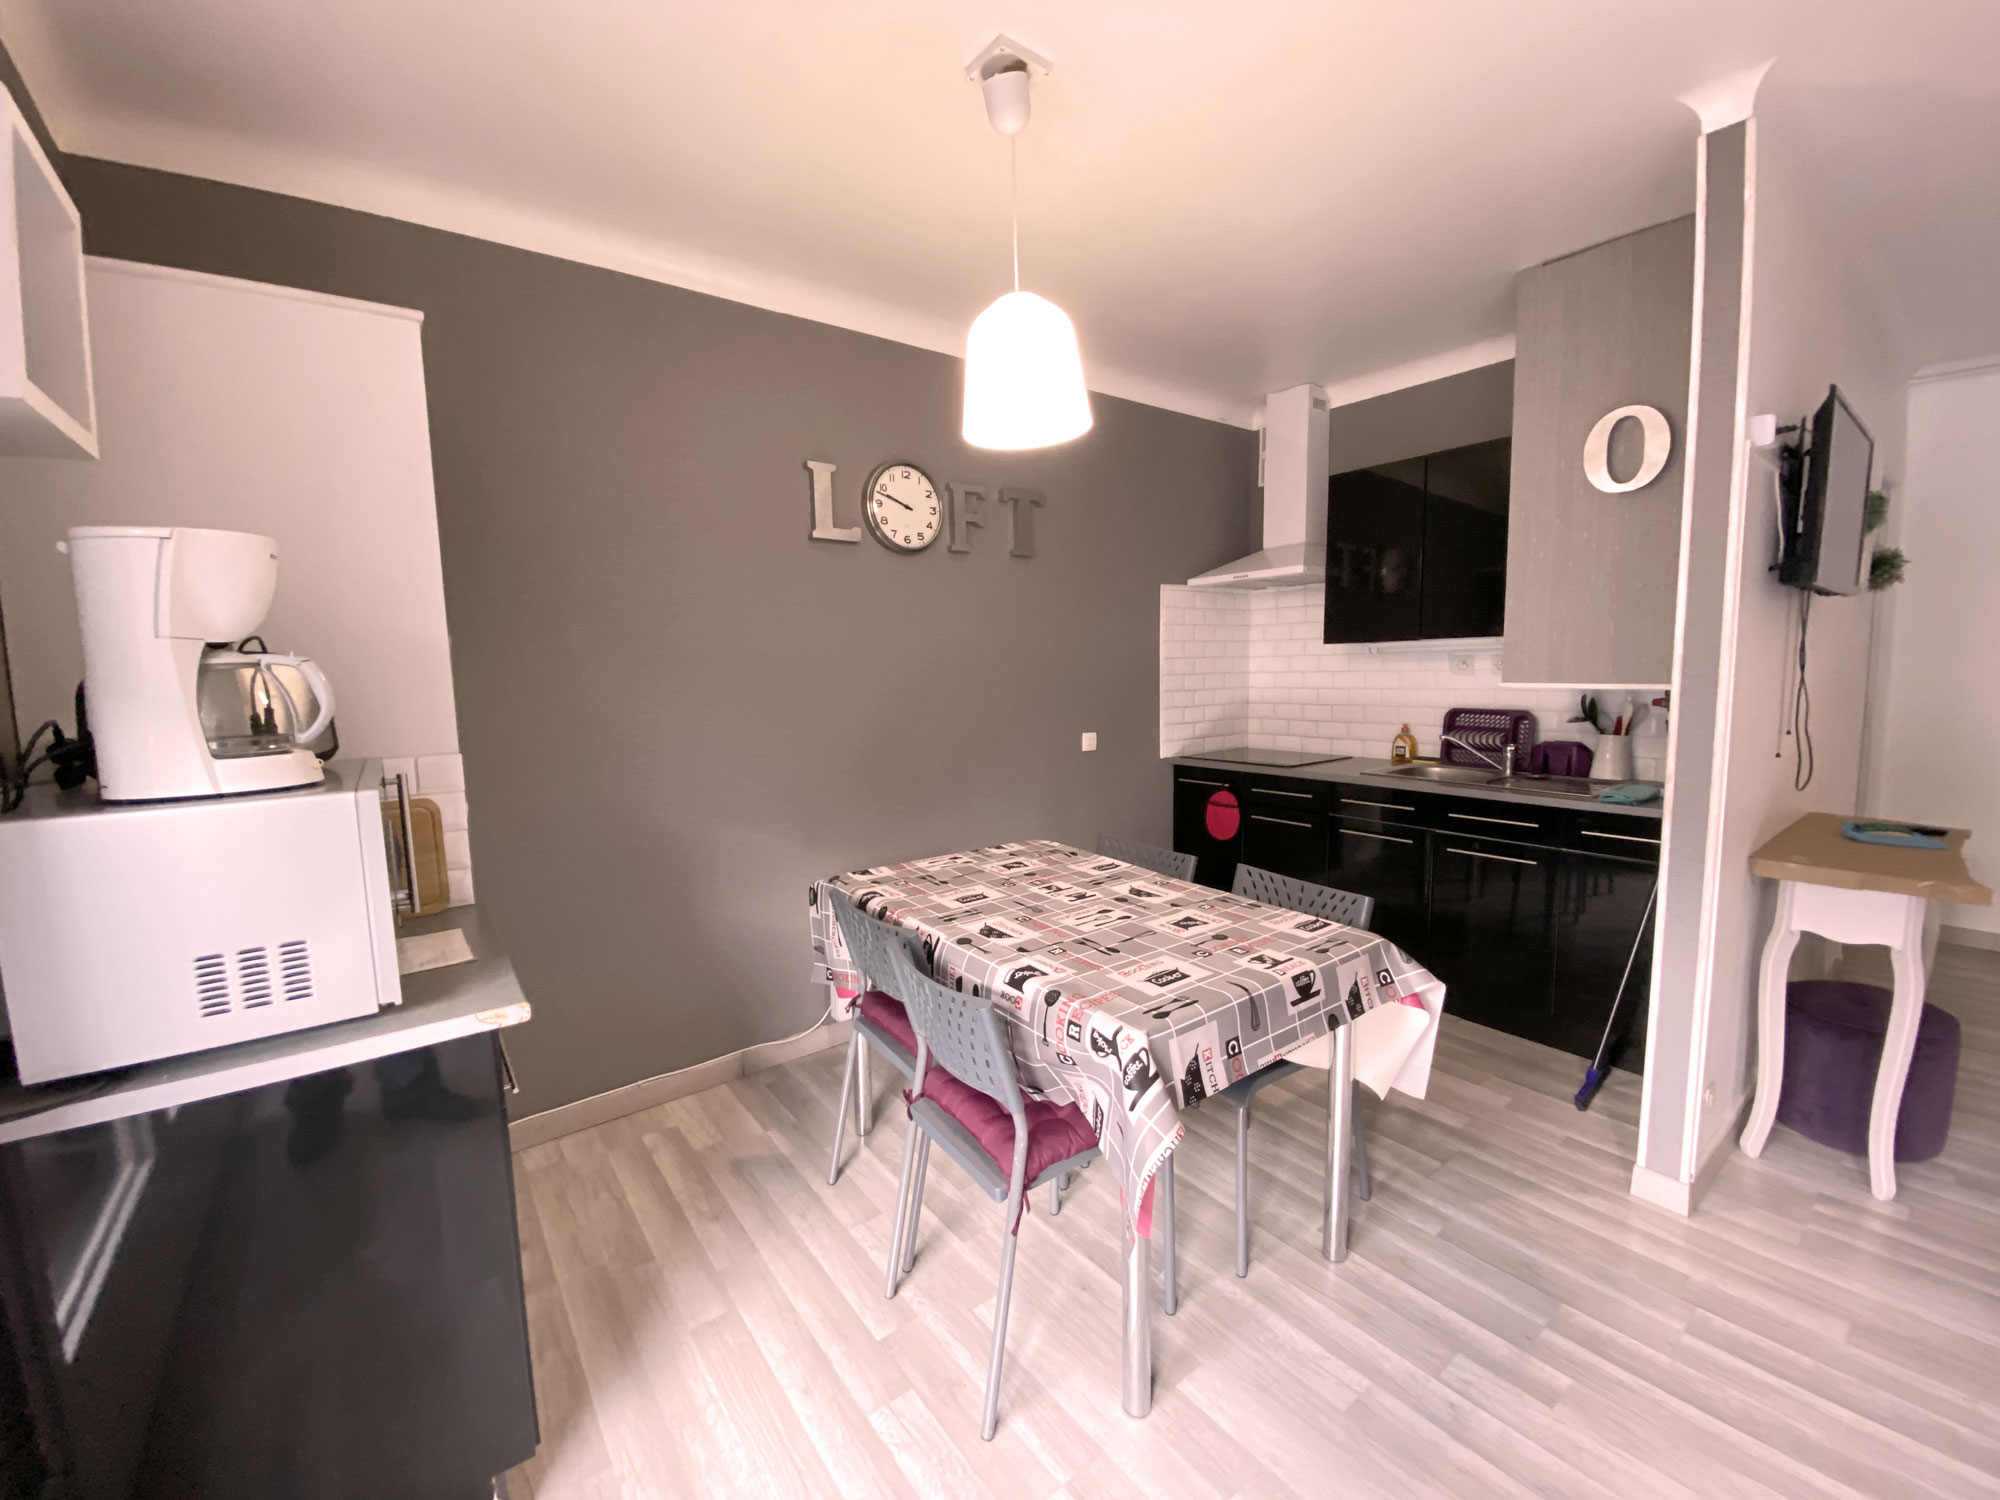 Cuisine meubles noirs , murs gris et blanc